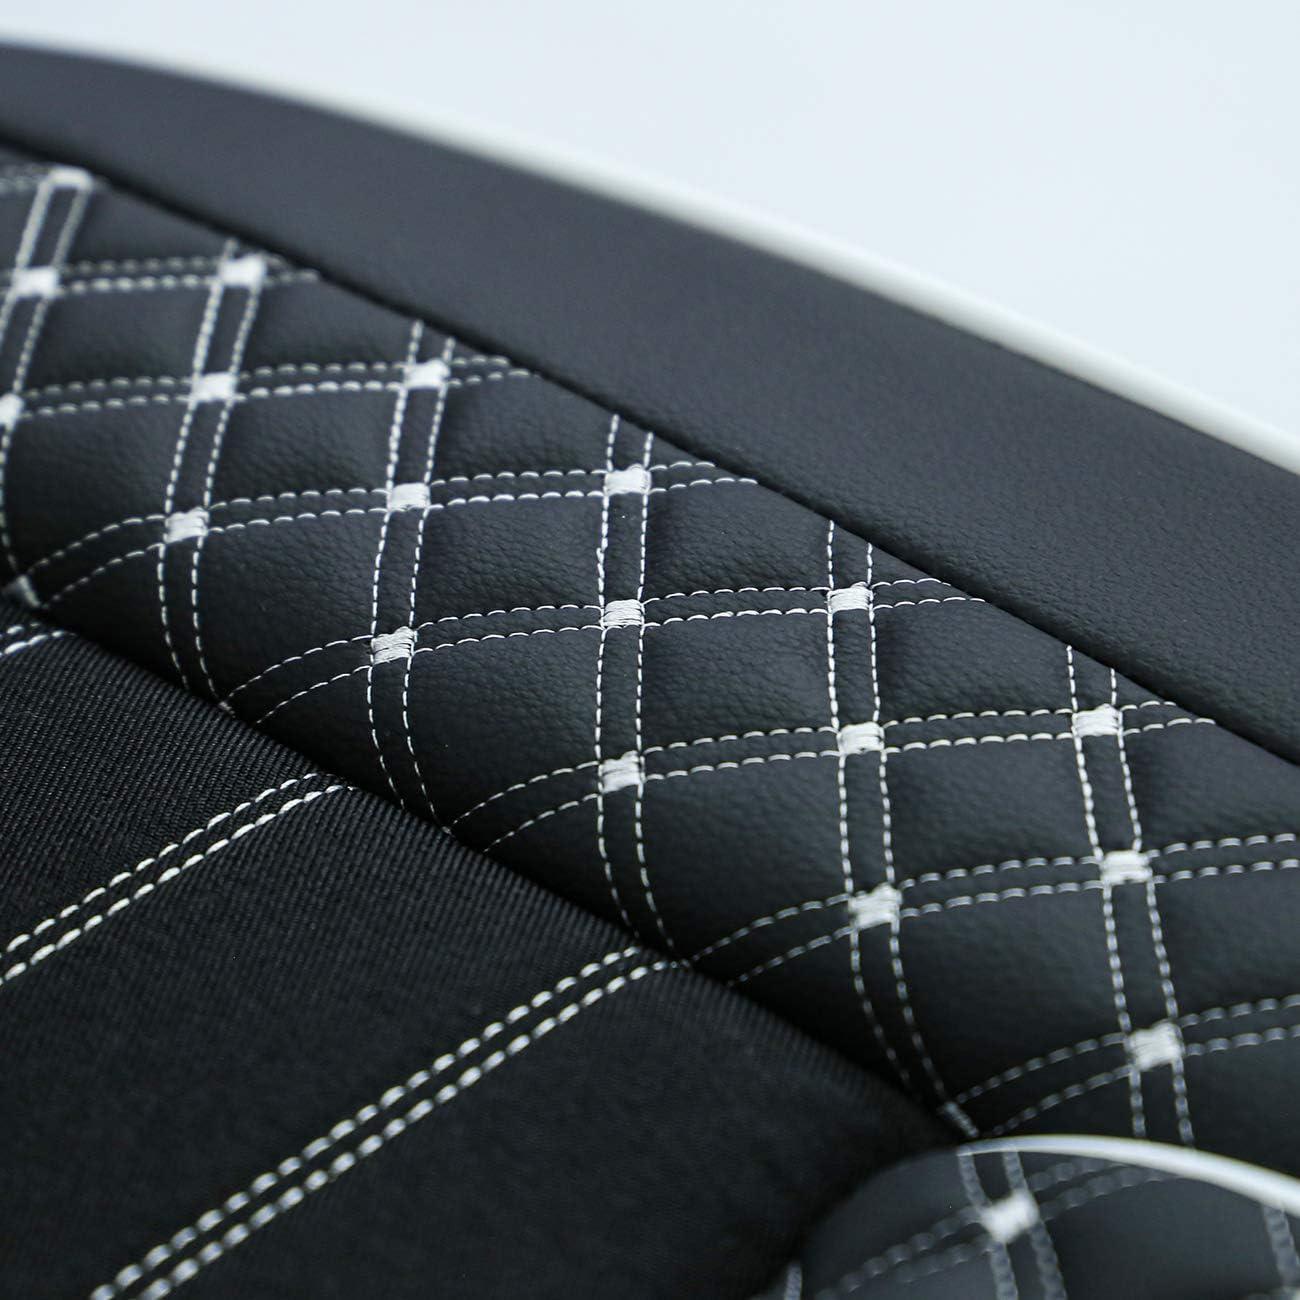 de piel sint/ética Juego completo de fundas para asientos de coche apto para Audi Q5 a partir de 2008 color negro//blanco